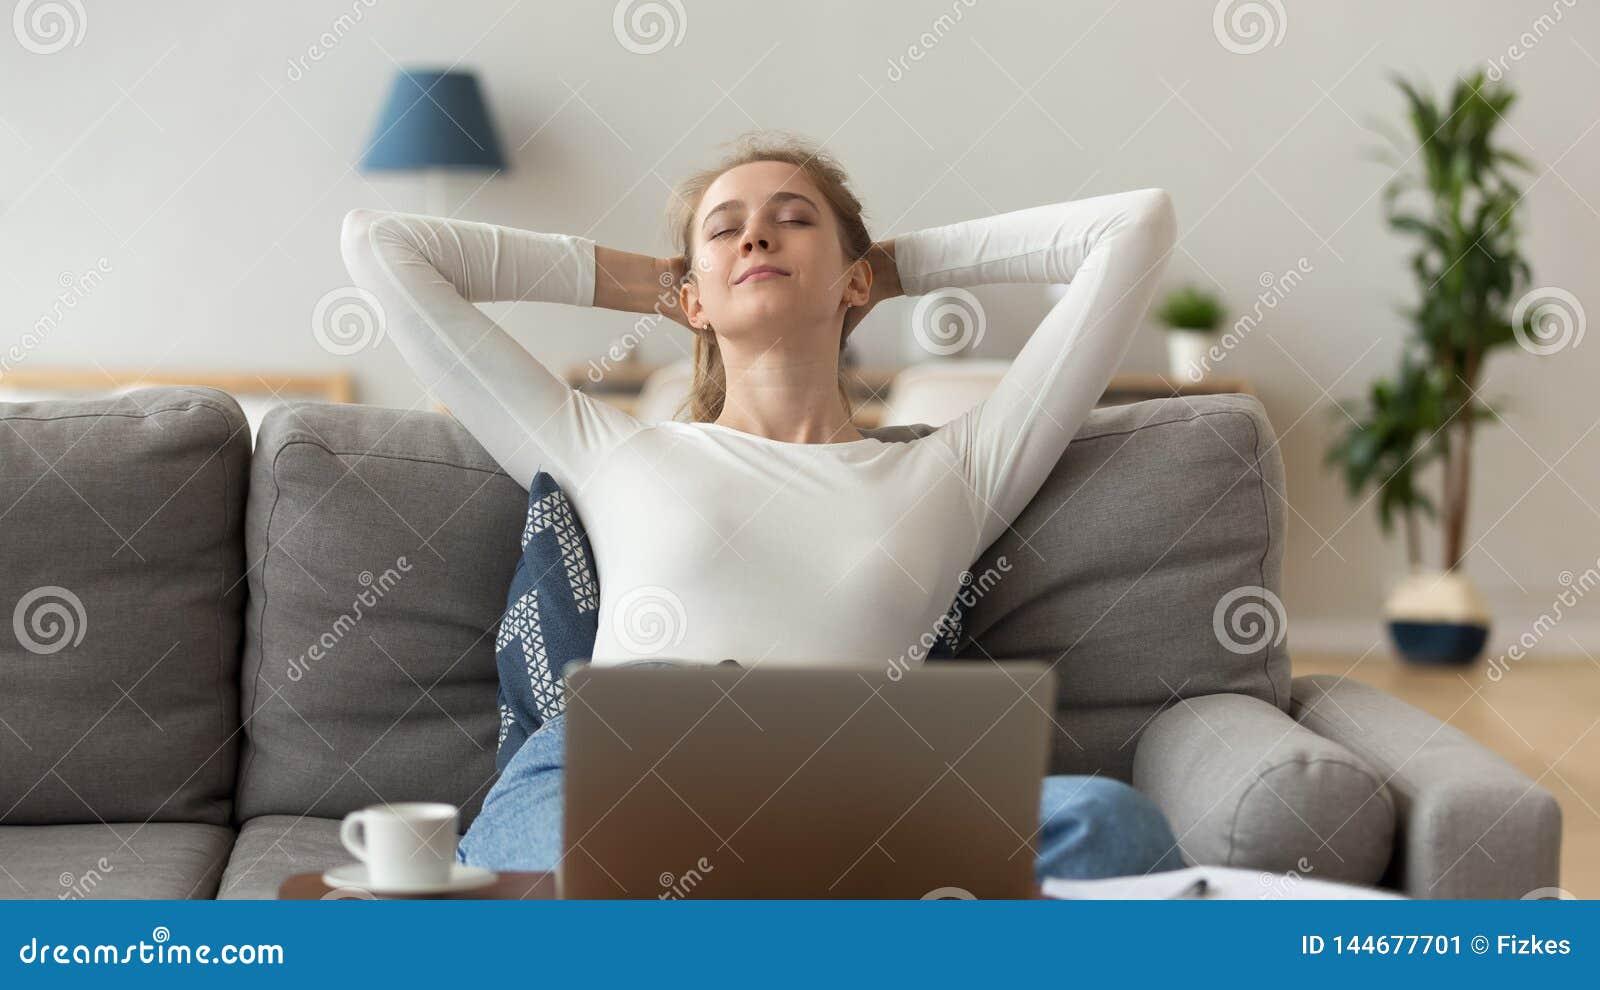 Pokojowy kobiety rozciąganie po koniec komputerowej pracy na wygodnej kanapie